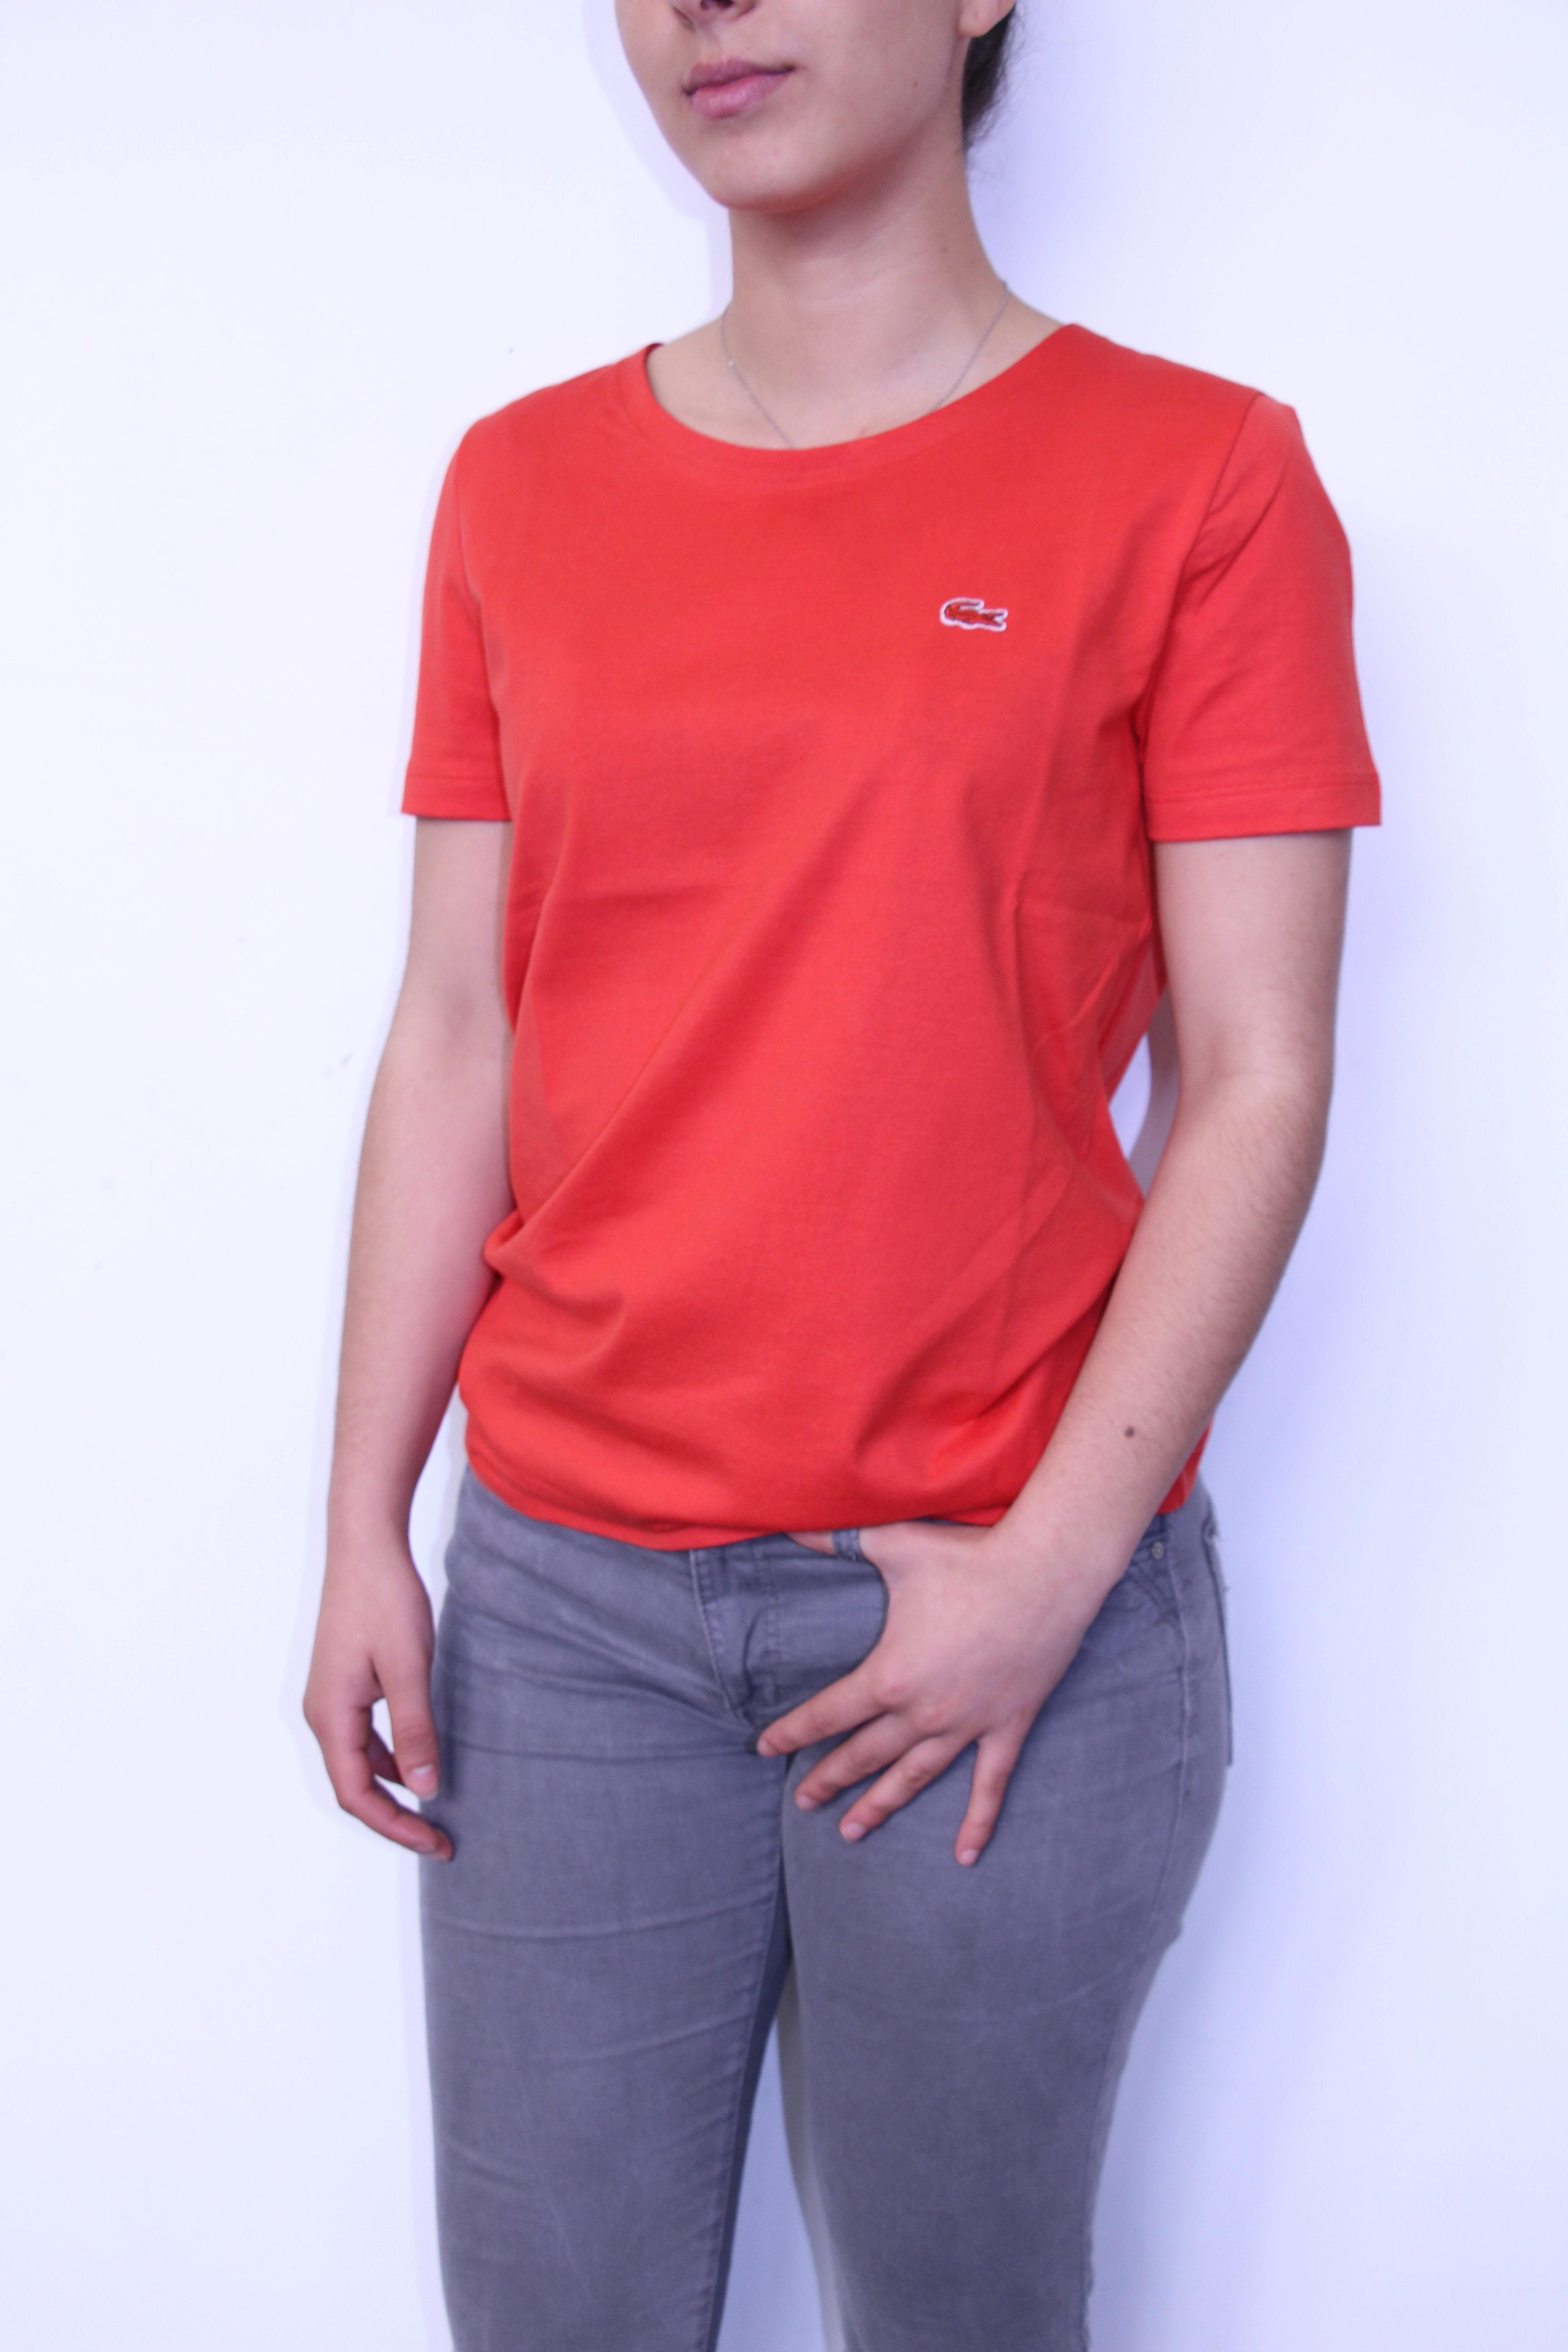 LACOSTE - Tee-Shirt uni Femme Orange